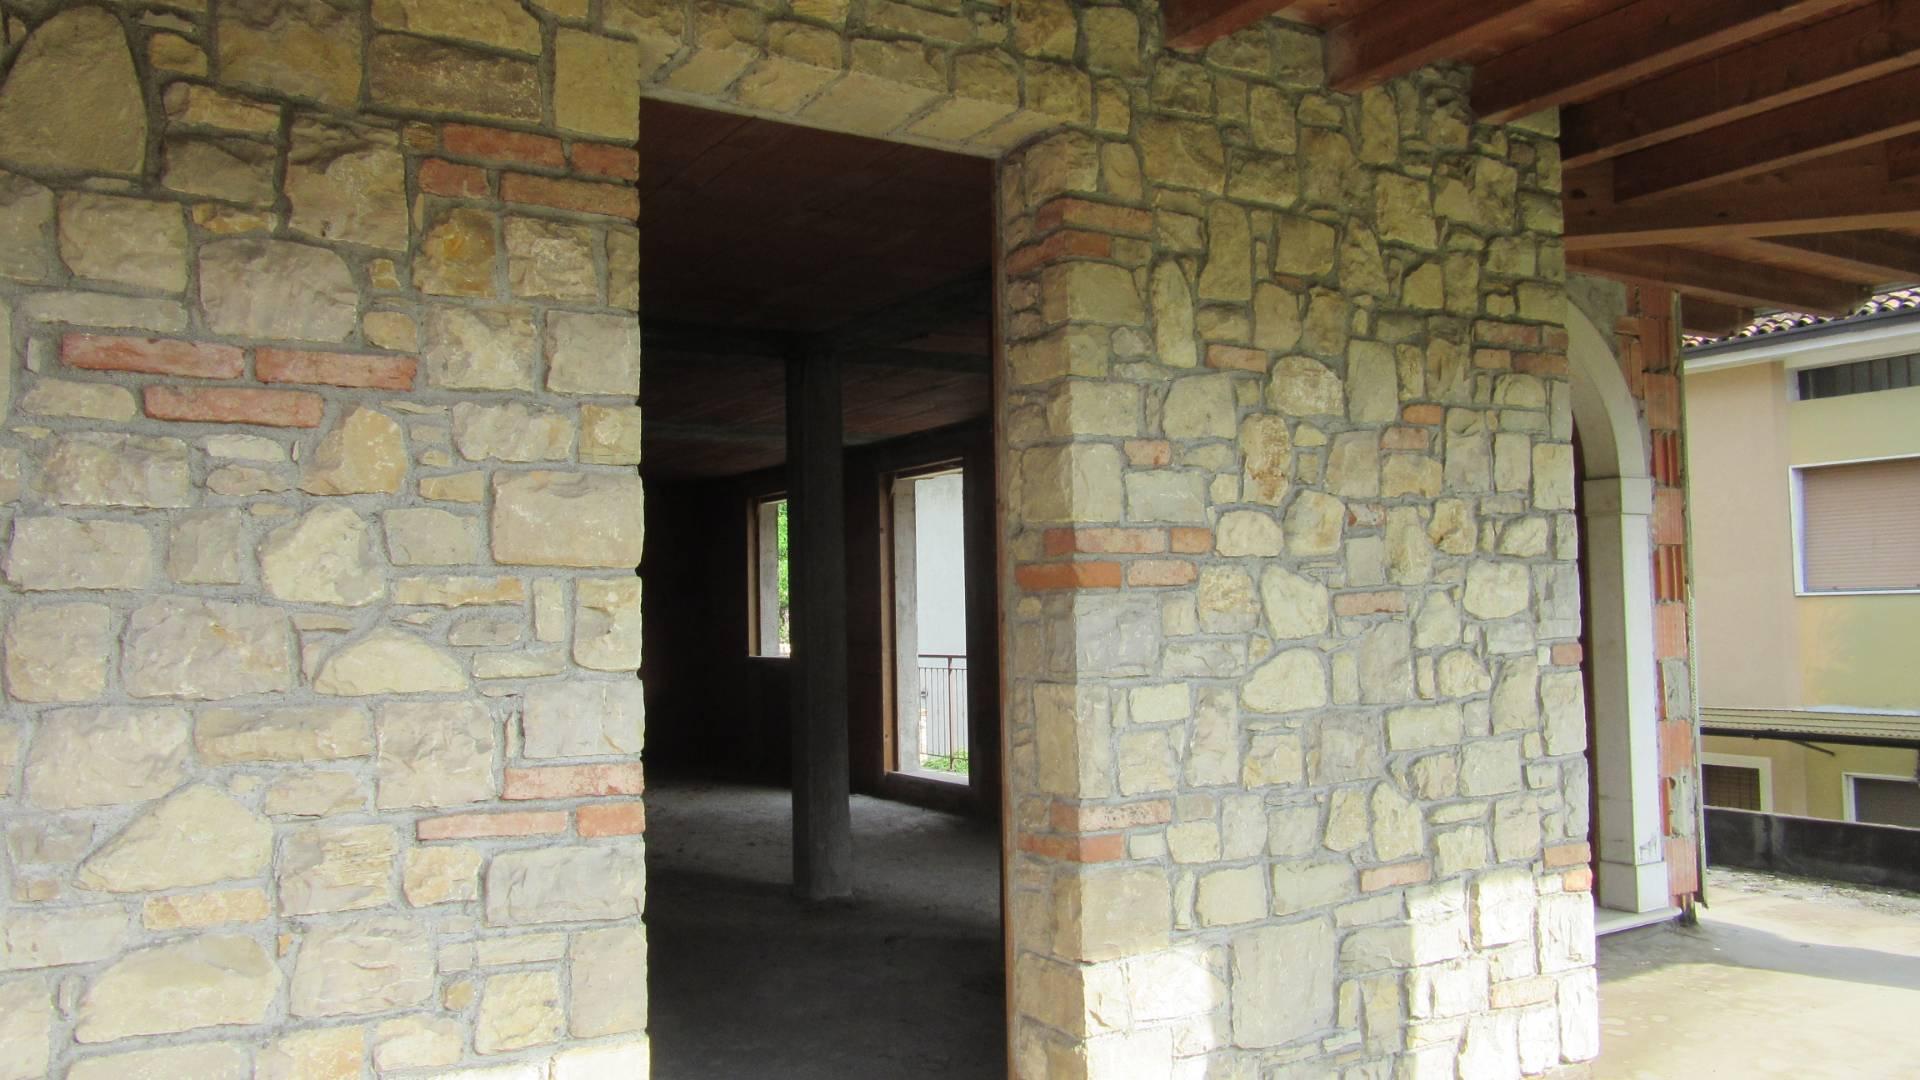 Villa Bifamiliare in vendita a Villa Carcina, 4 locali, zona Zona: Pregno, prezzo € 210.000 | CambioCasa.it